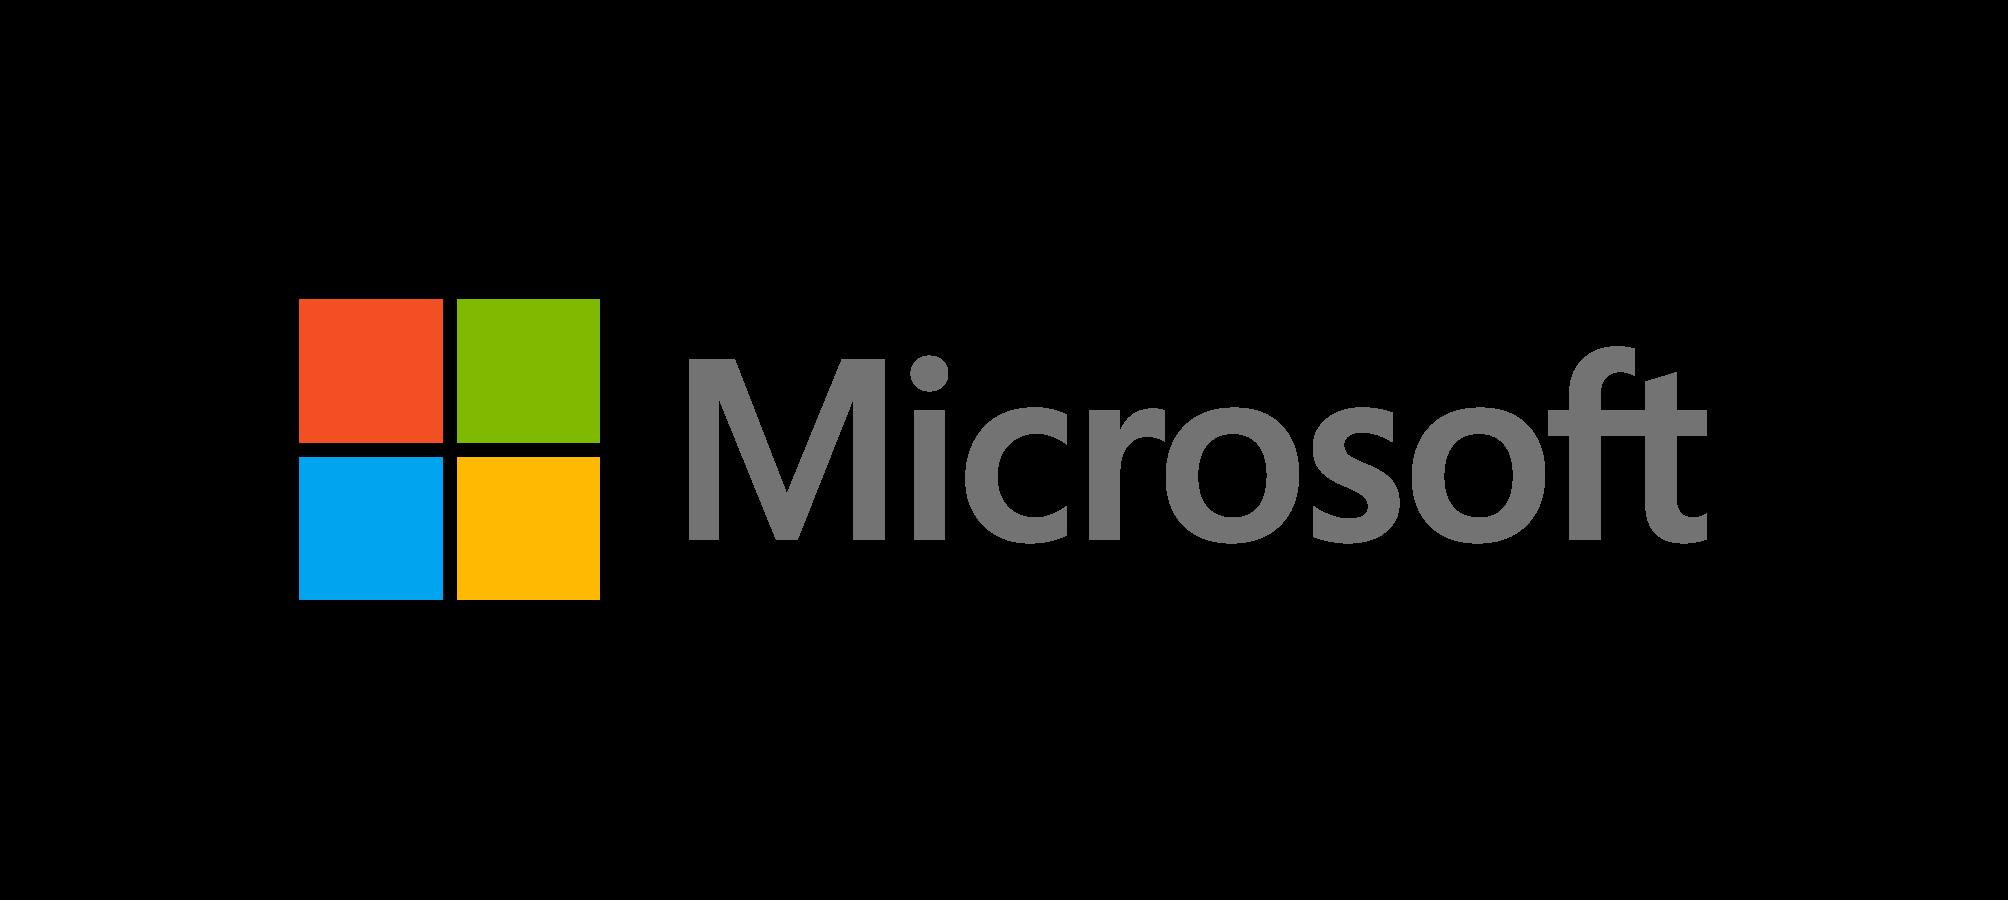 Microsoft PNG - 24863